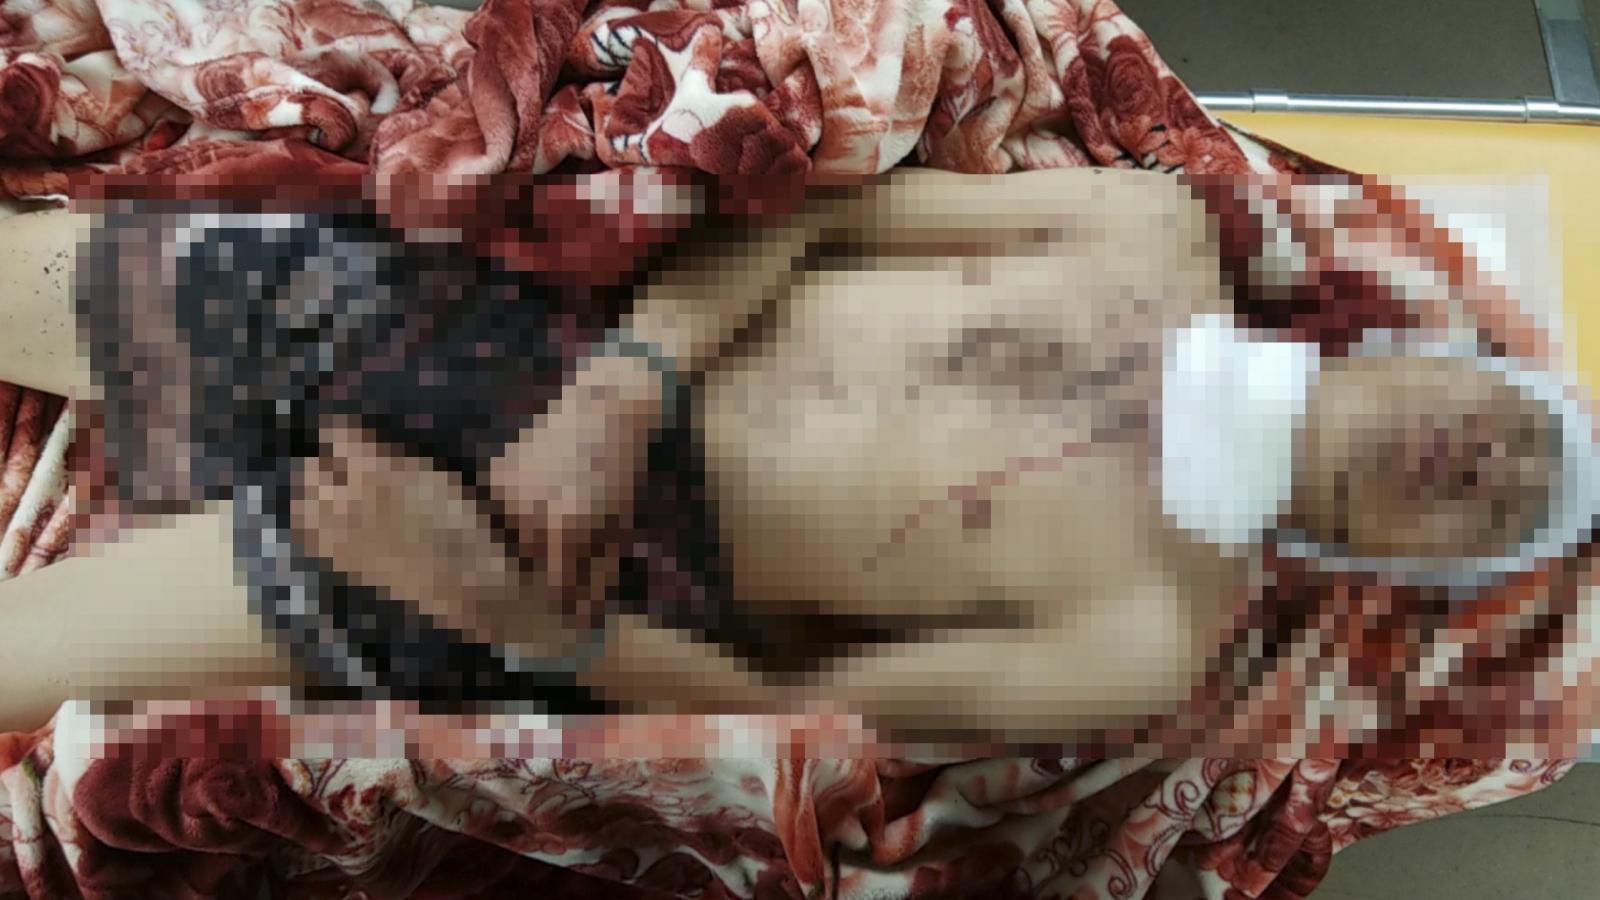 Bắt được nghi phạm giết vợ ở Sơn La rồi bỏ trốn